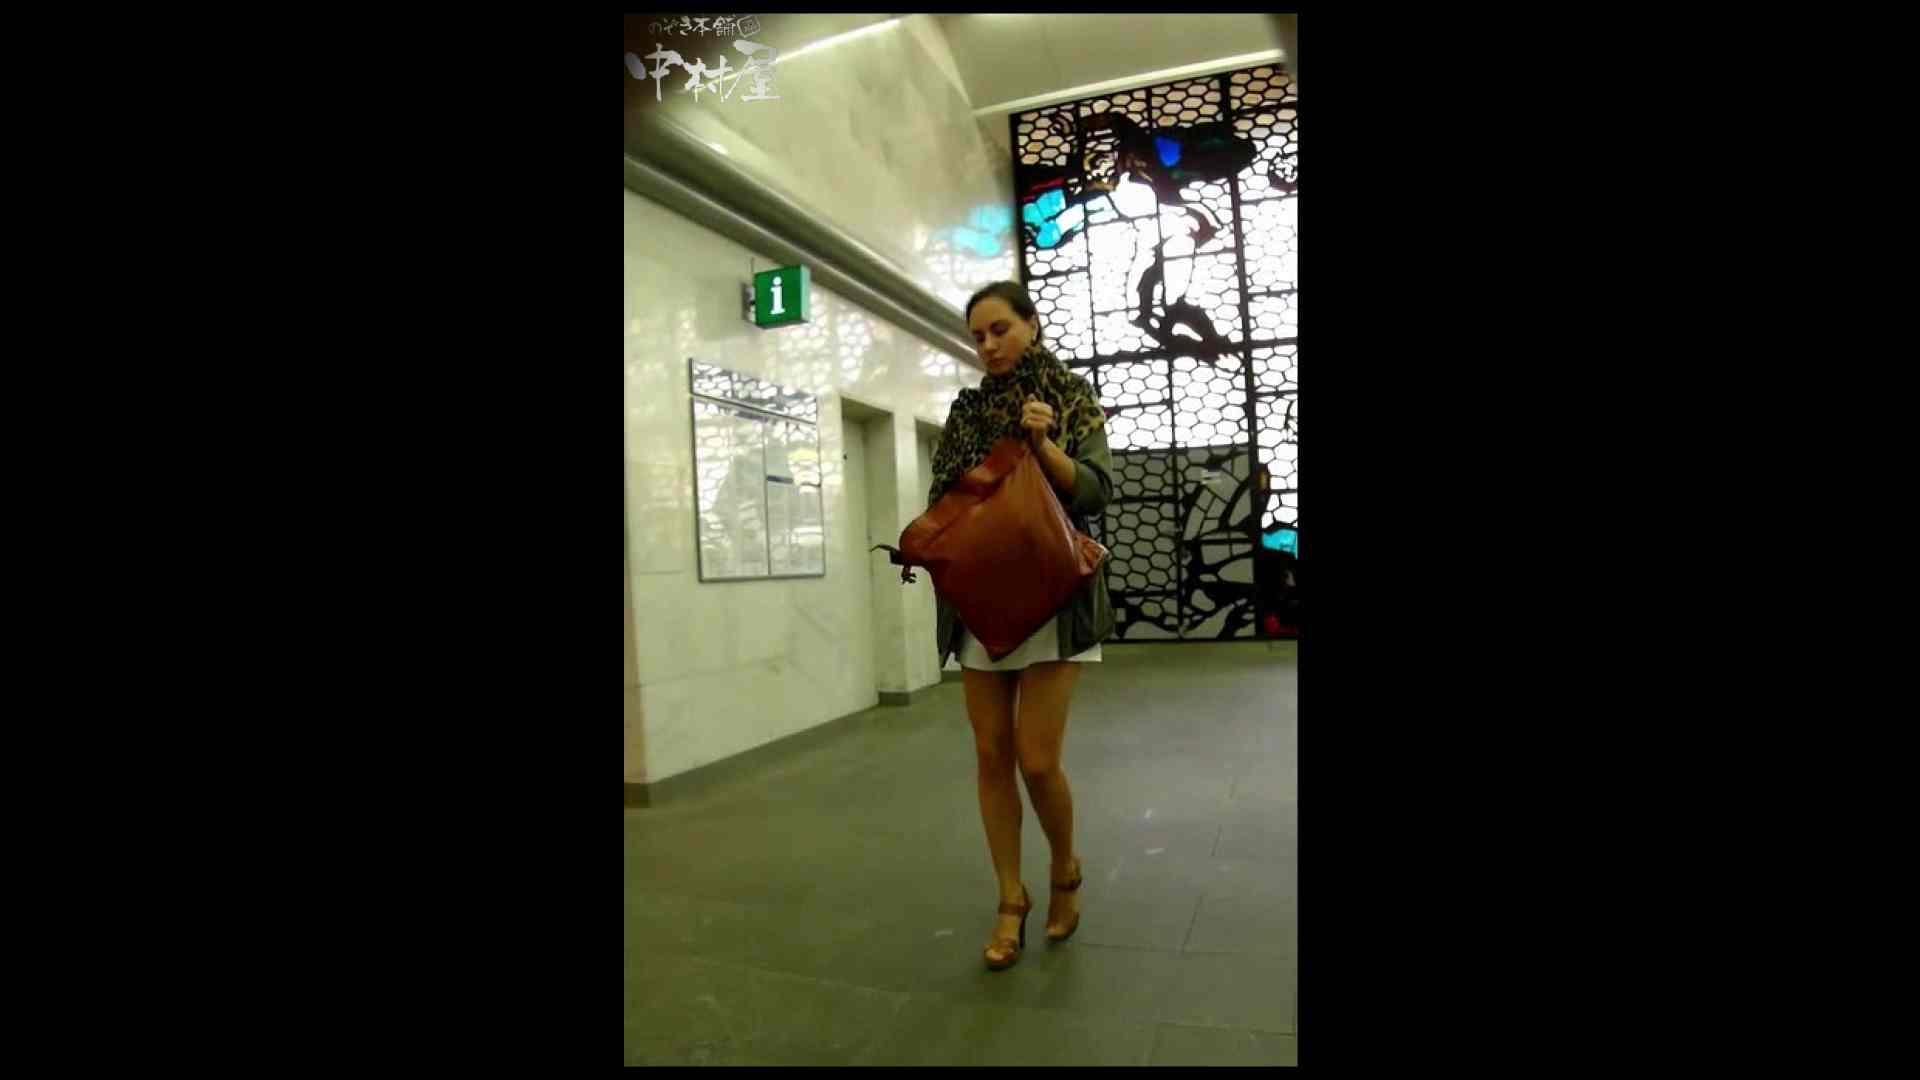 綺麗なモデルさんのスカート捲っちゃおう‼ vol29 0  68pic 4